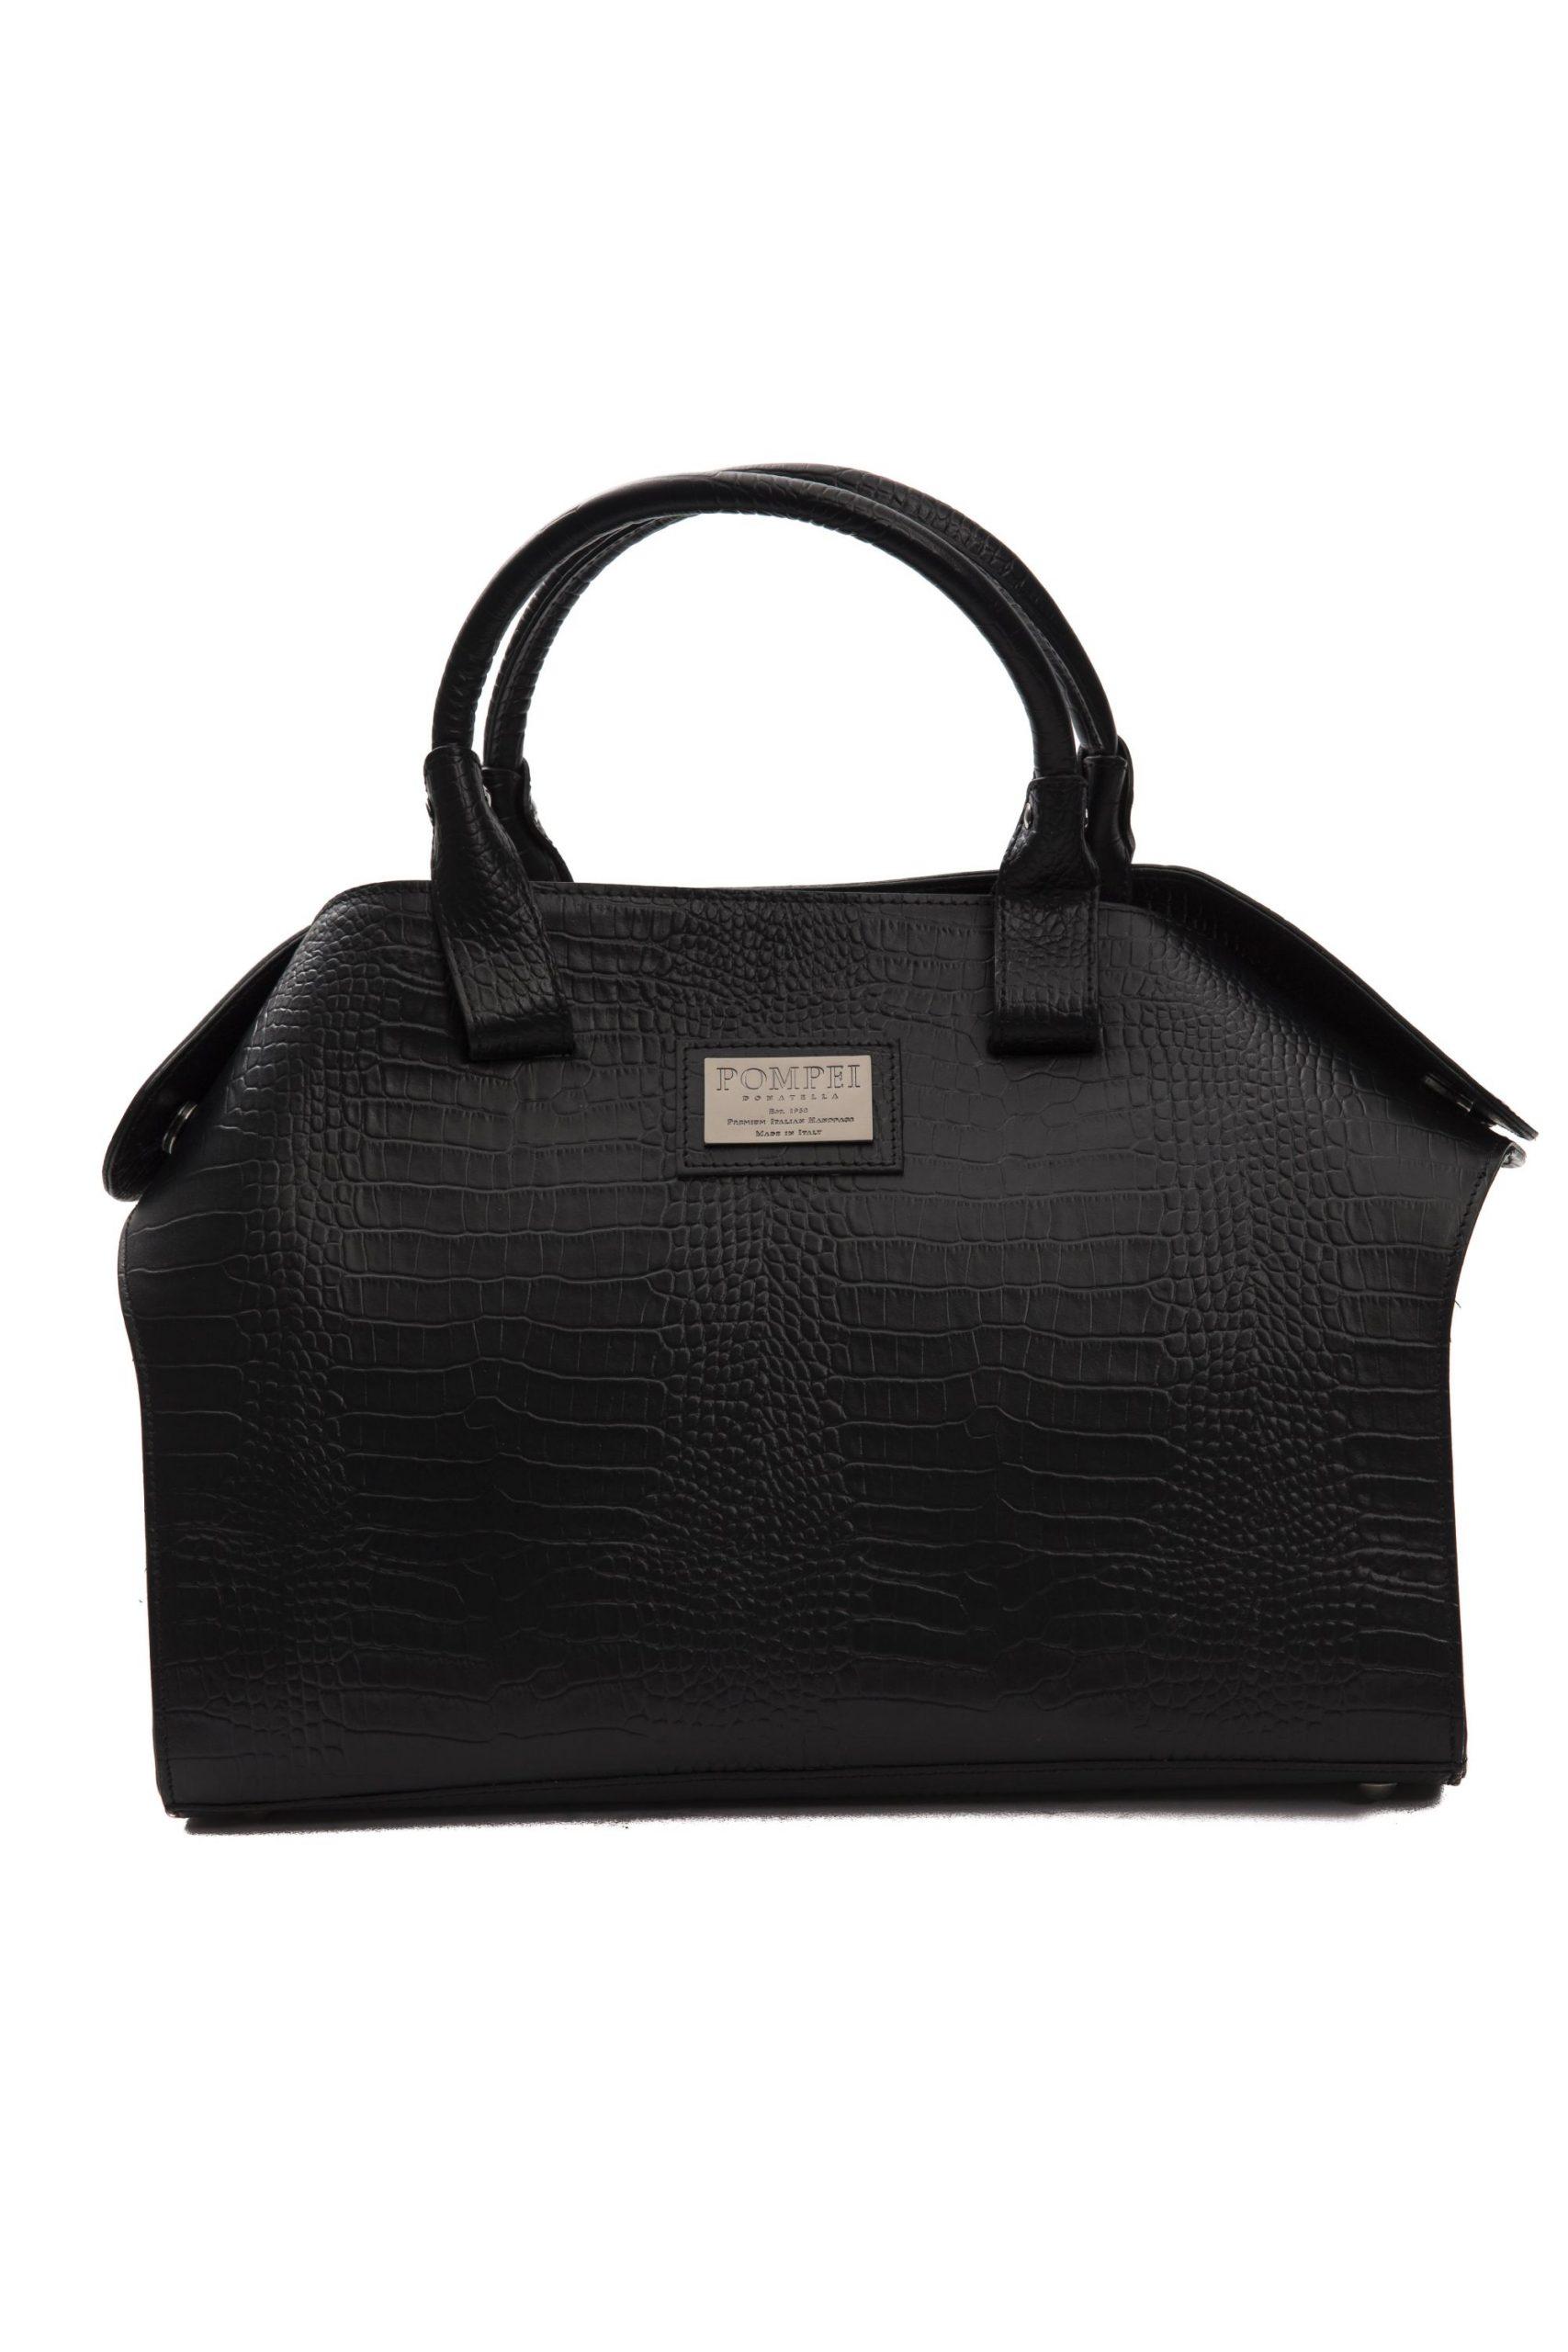 Pompei Donatella Women's Handbag Black PO667722